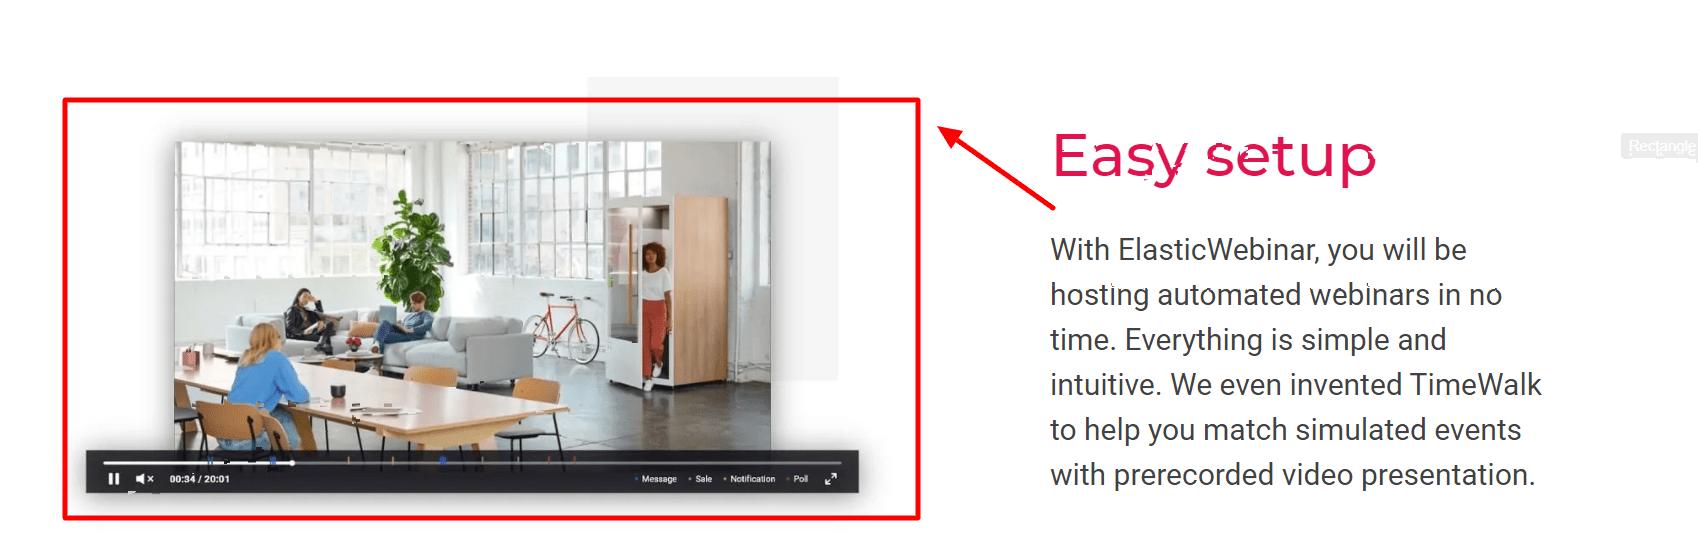 Easy setup- Elastic Webinar